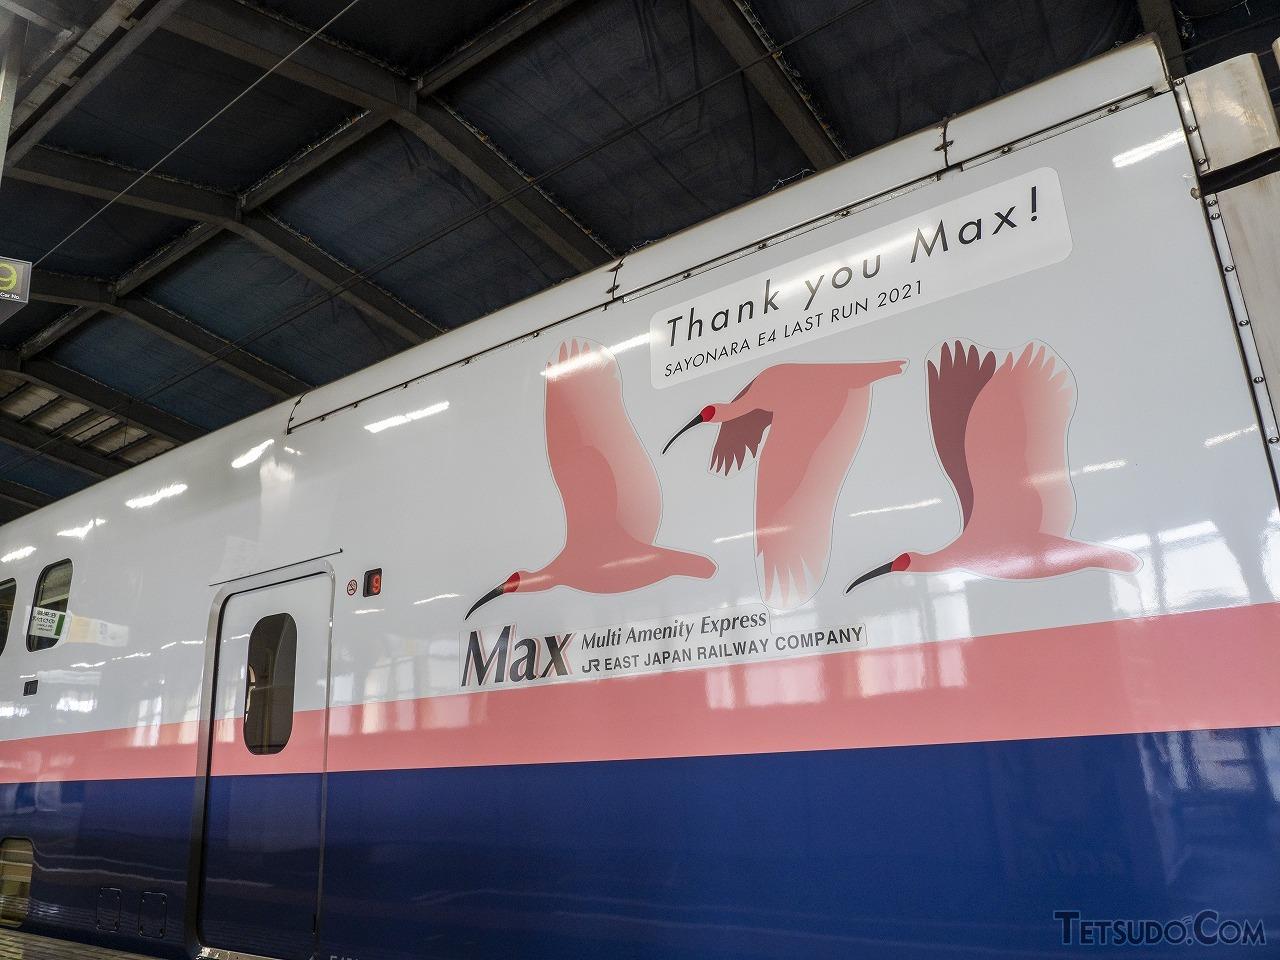 2021年3月12日からすべての編成に「Thank You Max!」のステッカーがラッピングされた